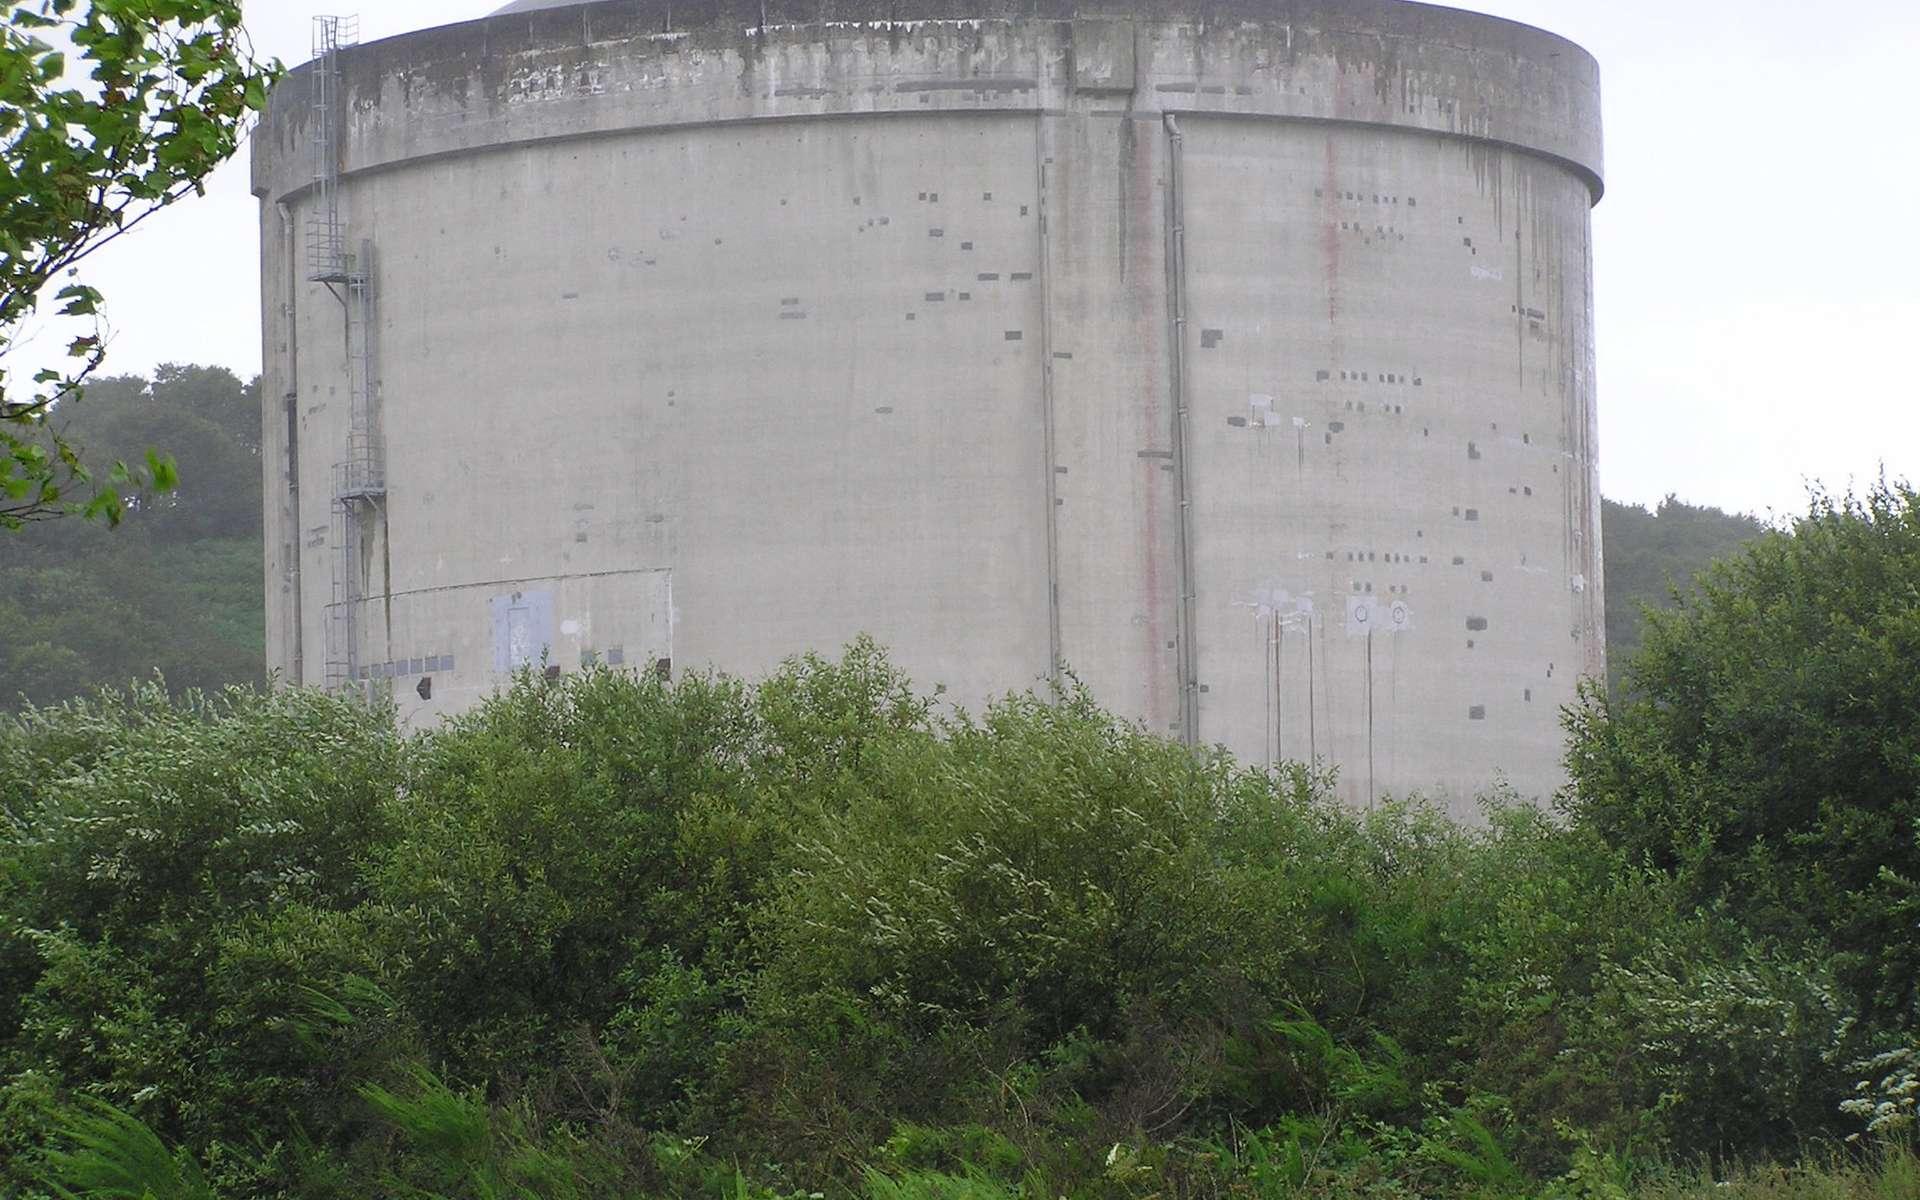 La centrale nucléaire des Monts d'Arrée (Brennilis, en Bretagne) a été exploitée de 1968 à 1985. La quasi totalité de la radioactivité présente sur site (combustible et eau lourde) était évacuée dès 1992. La fin des opérations de démantèlement est prévue pour 2025. © Perline, Wikipedia, CC by-sa 3.0